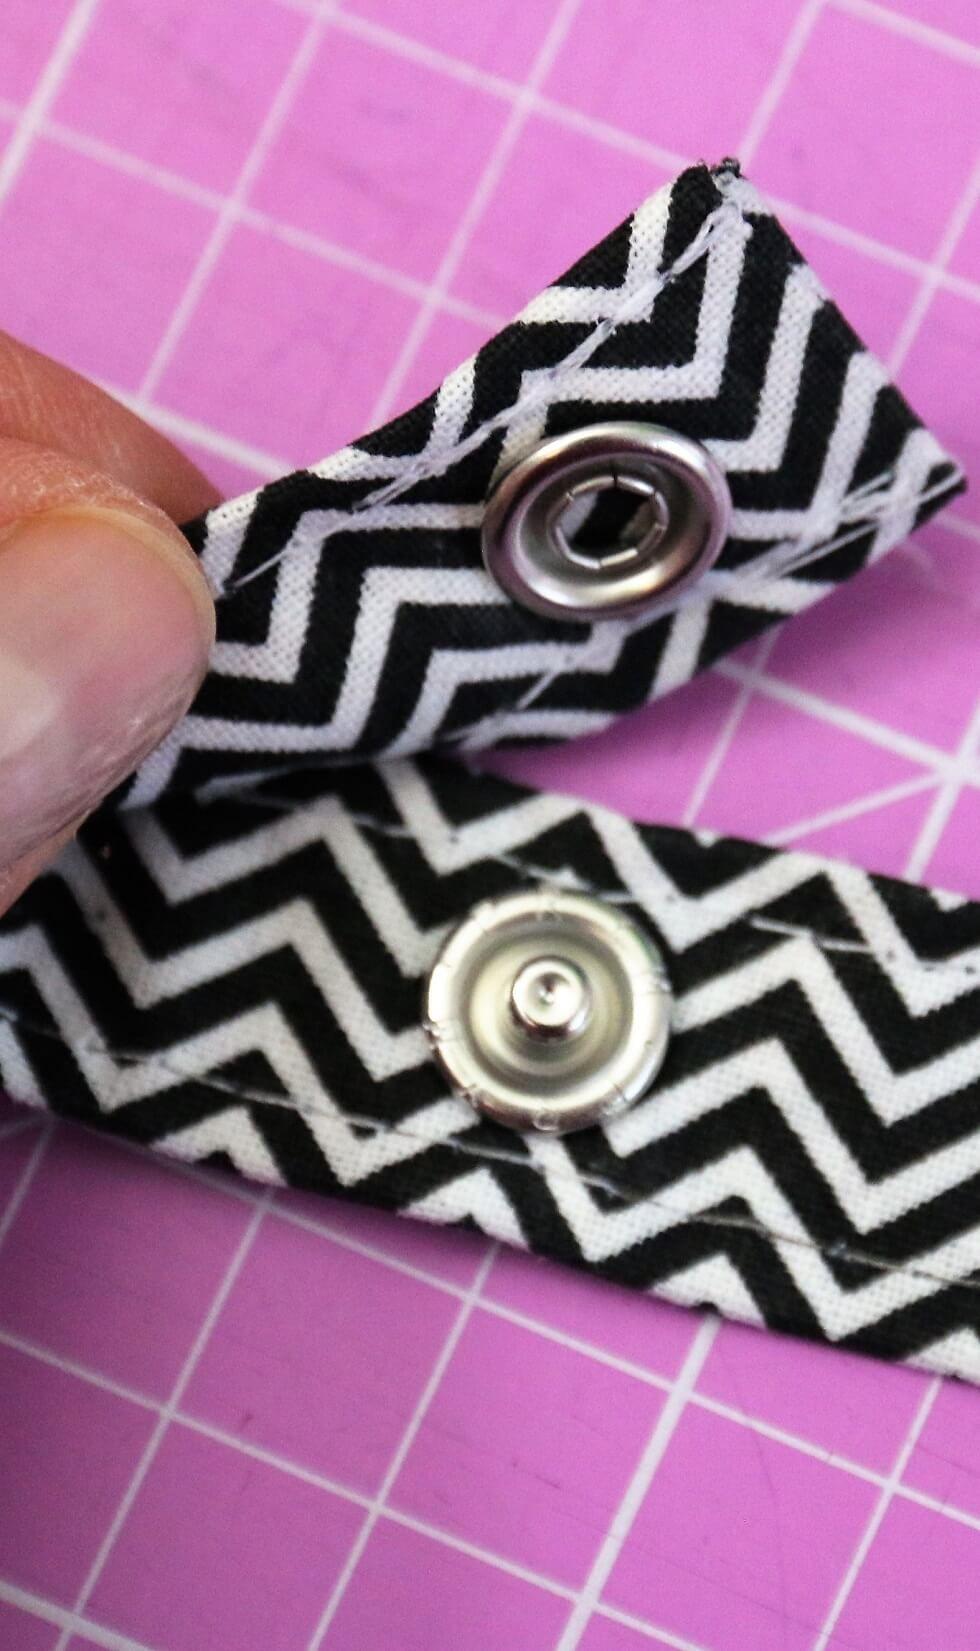 druckkn pfe anbringen mit prym zange sewing n hen h keln n hen f r kinder. Black Bedroom Furniture Sets. Home Design Ideas